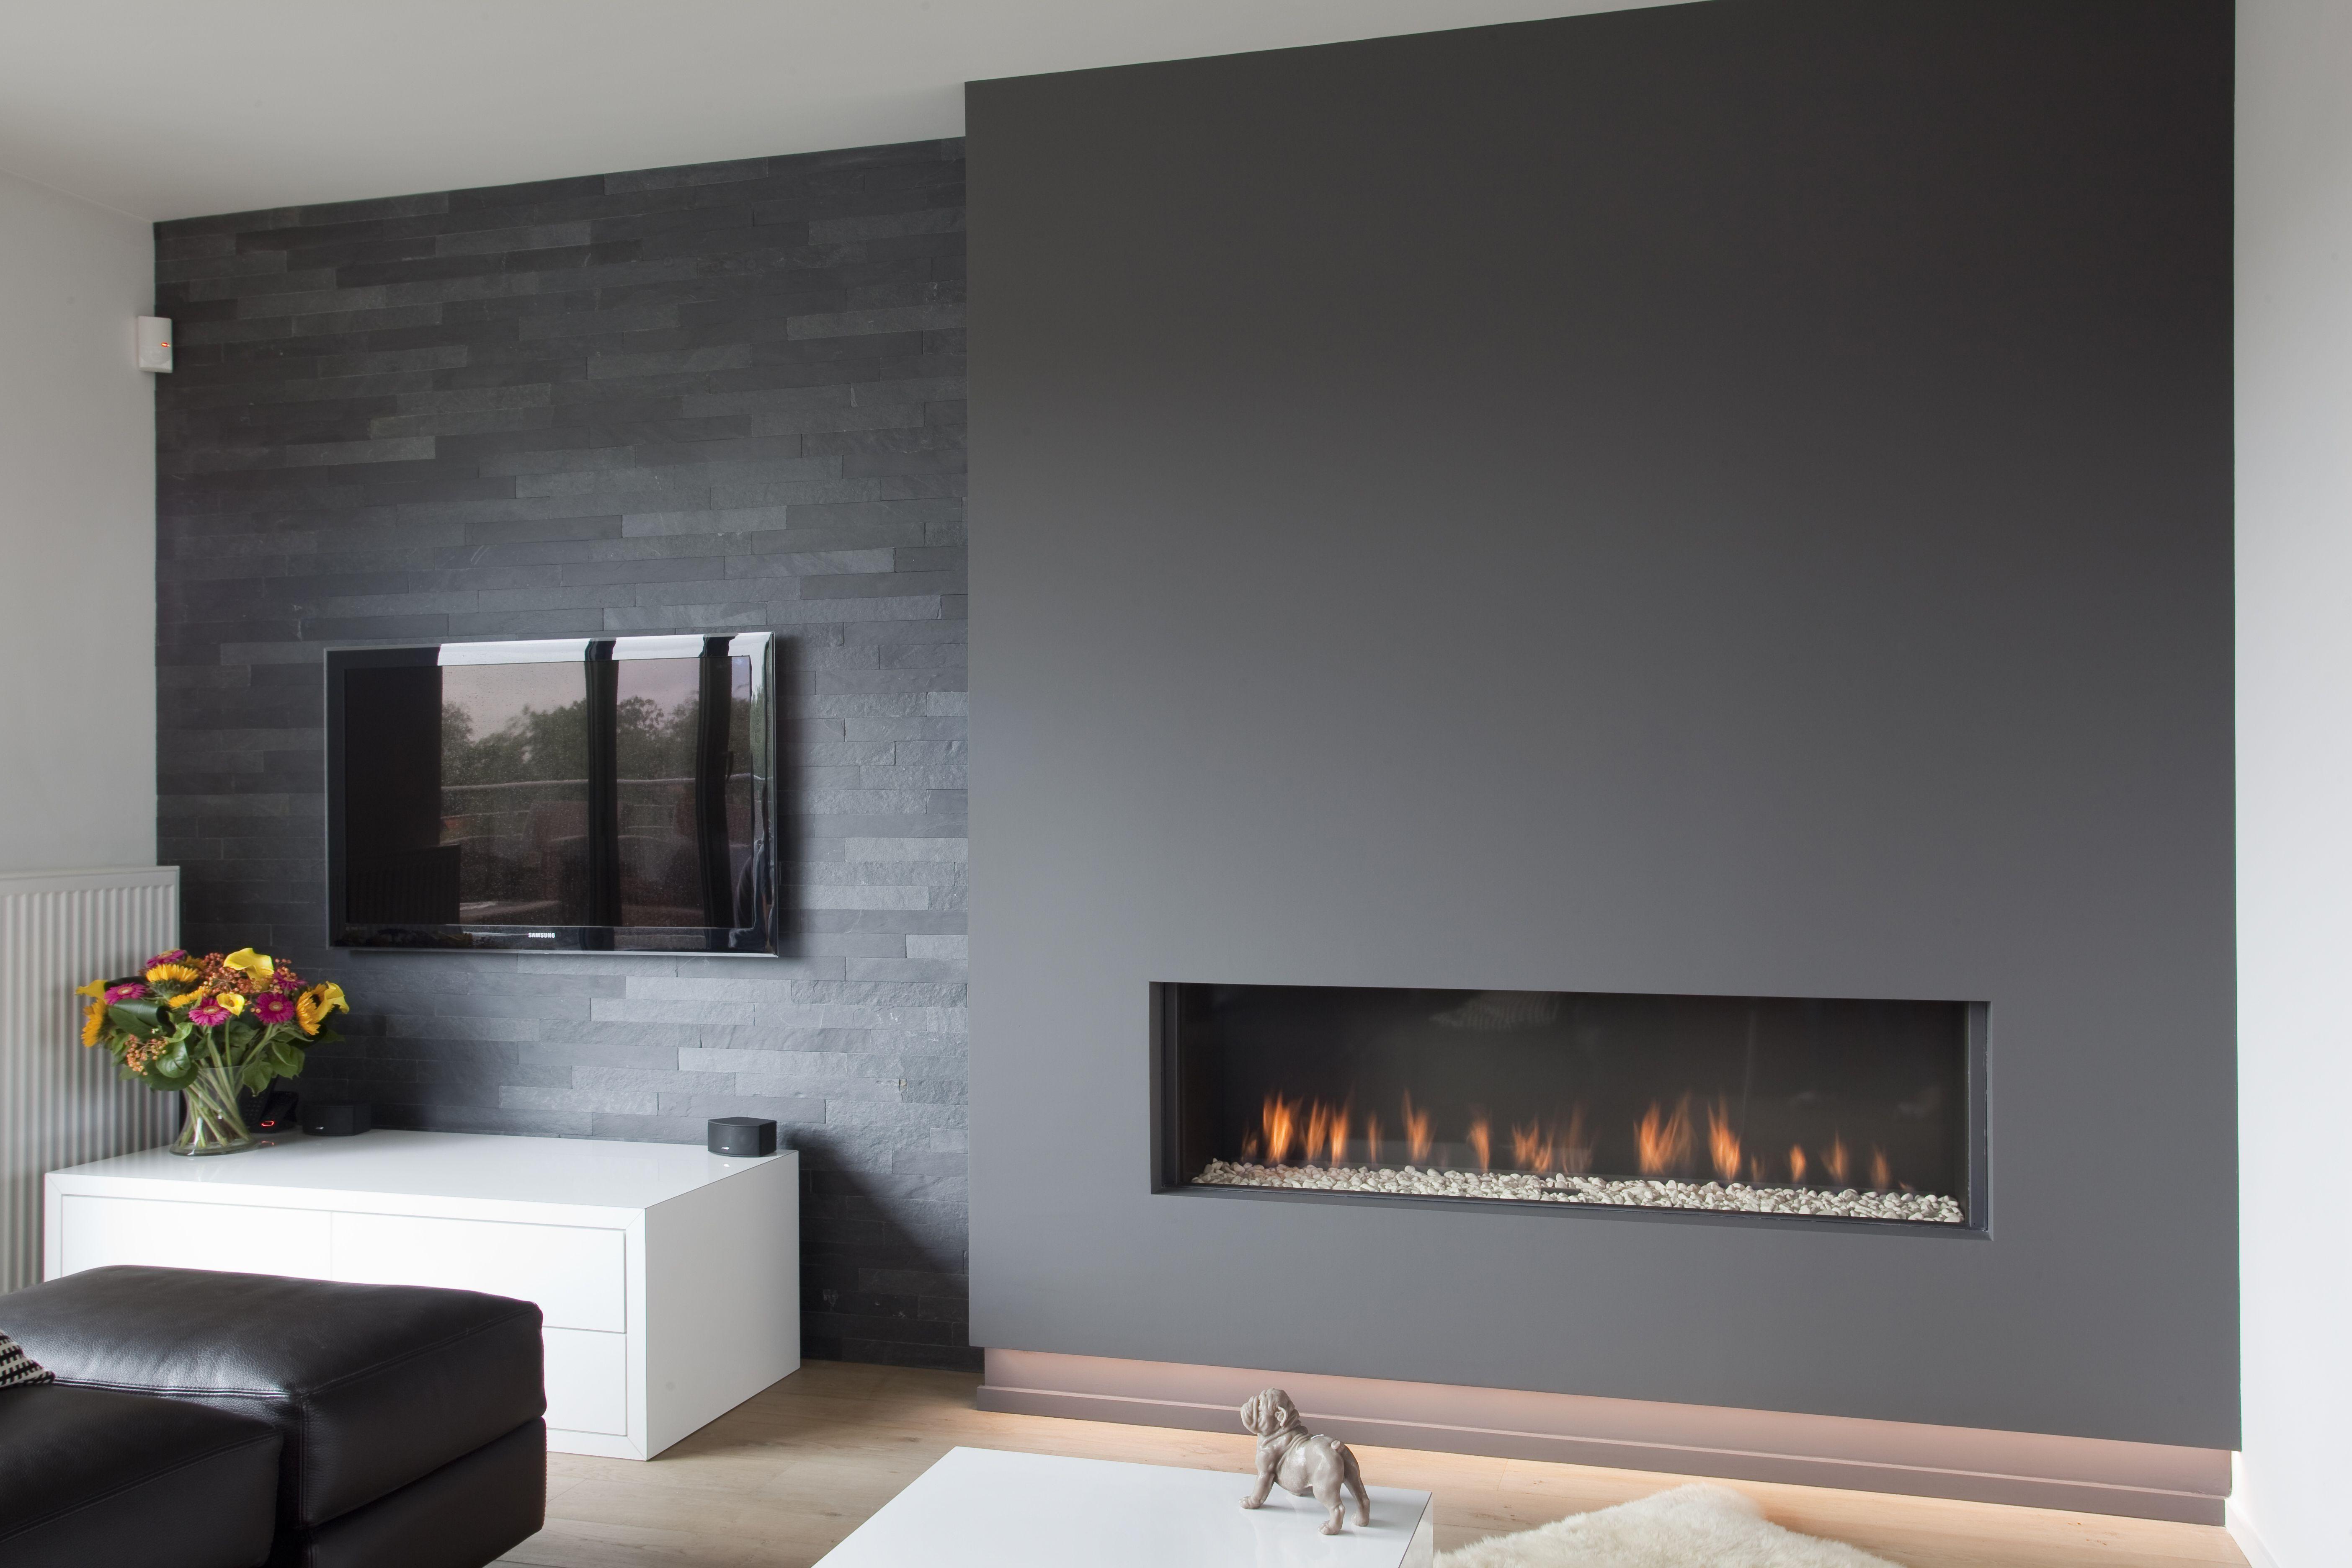 Gashaard In Moderne Wand Amp Televisiewand Bekleed Met